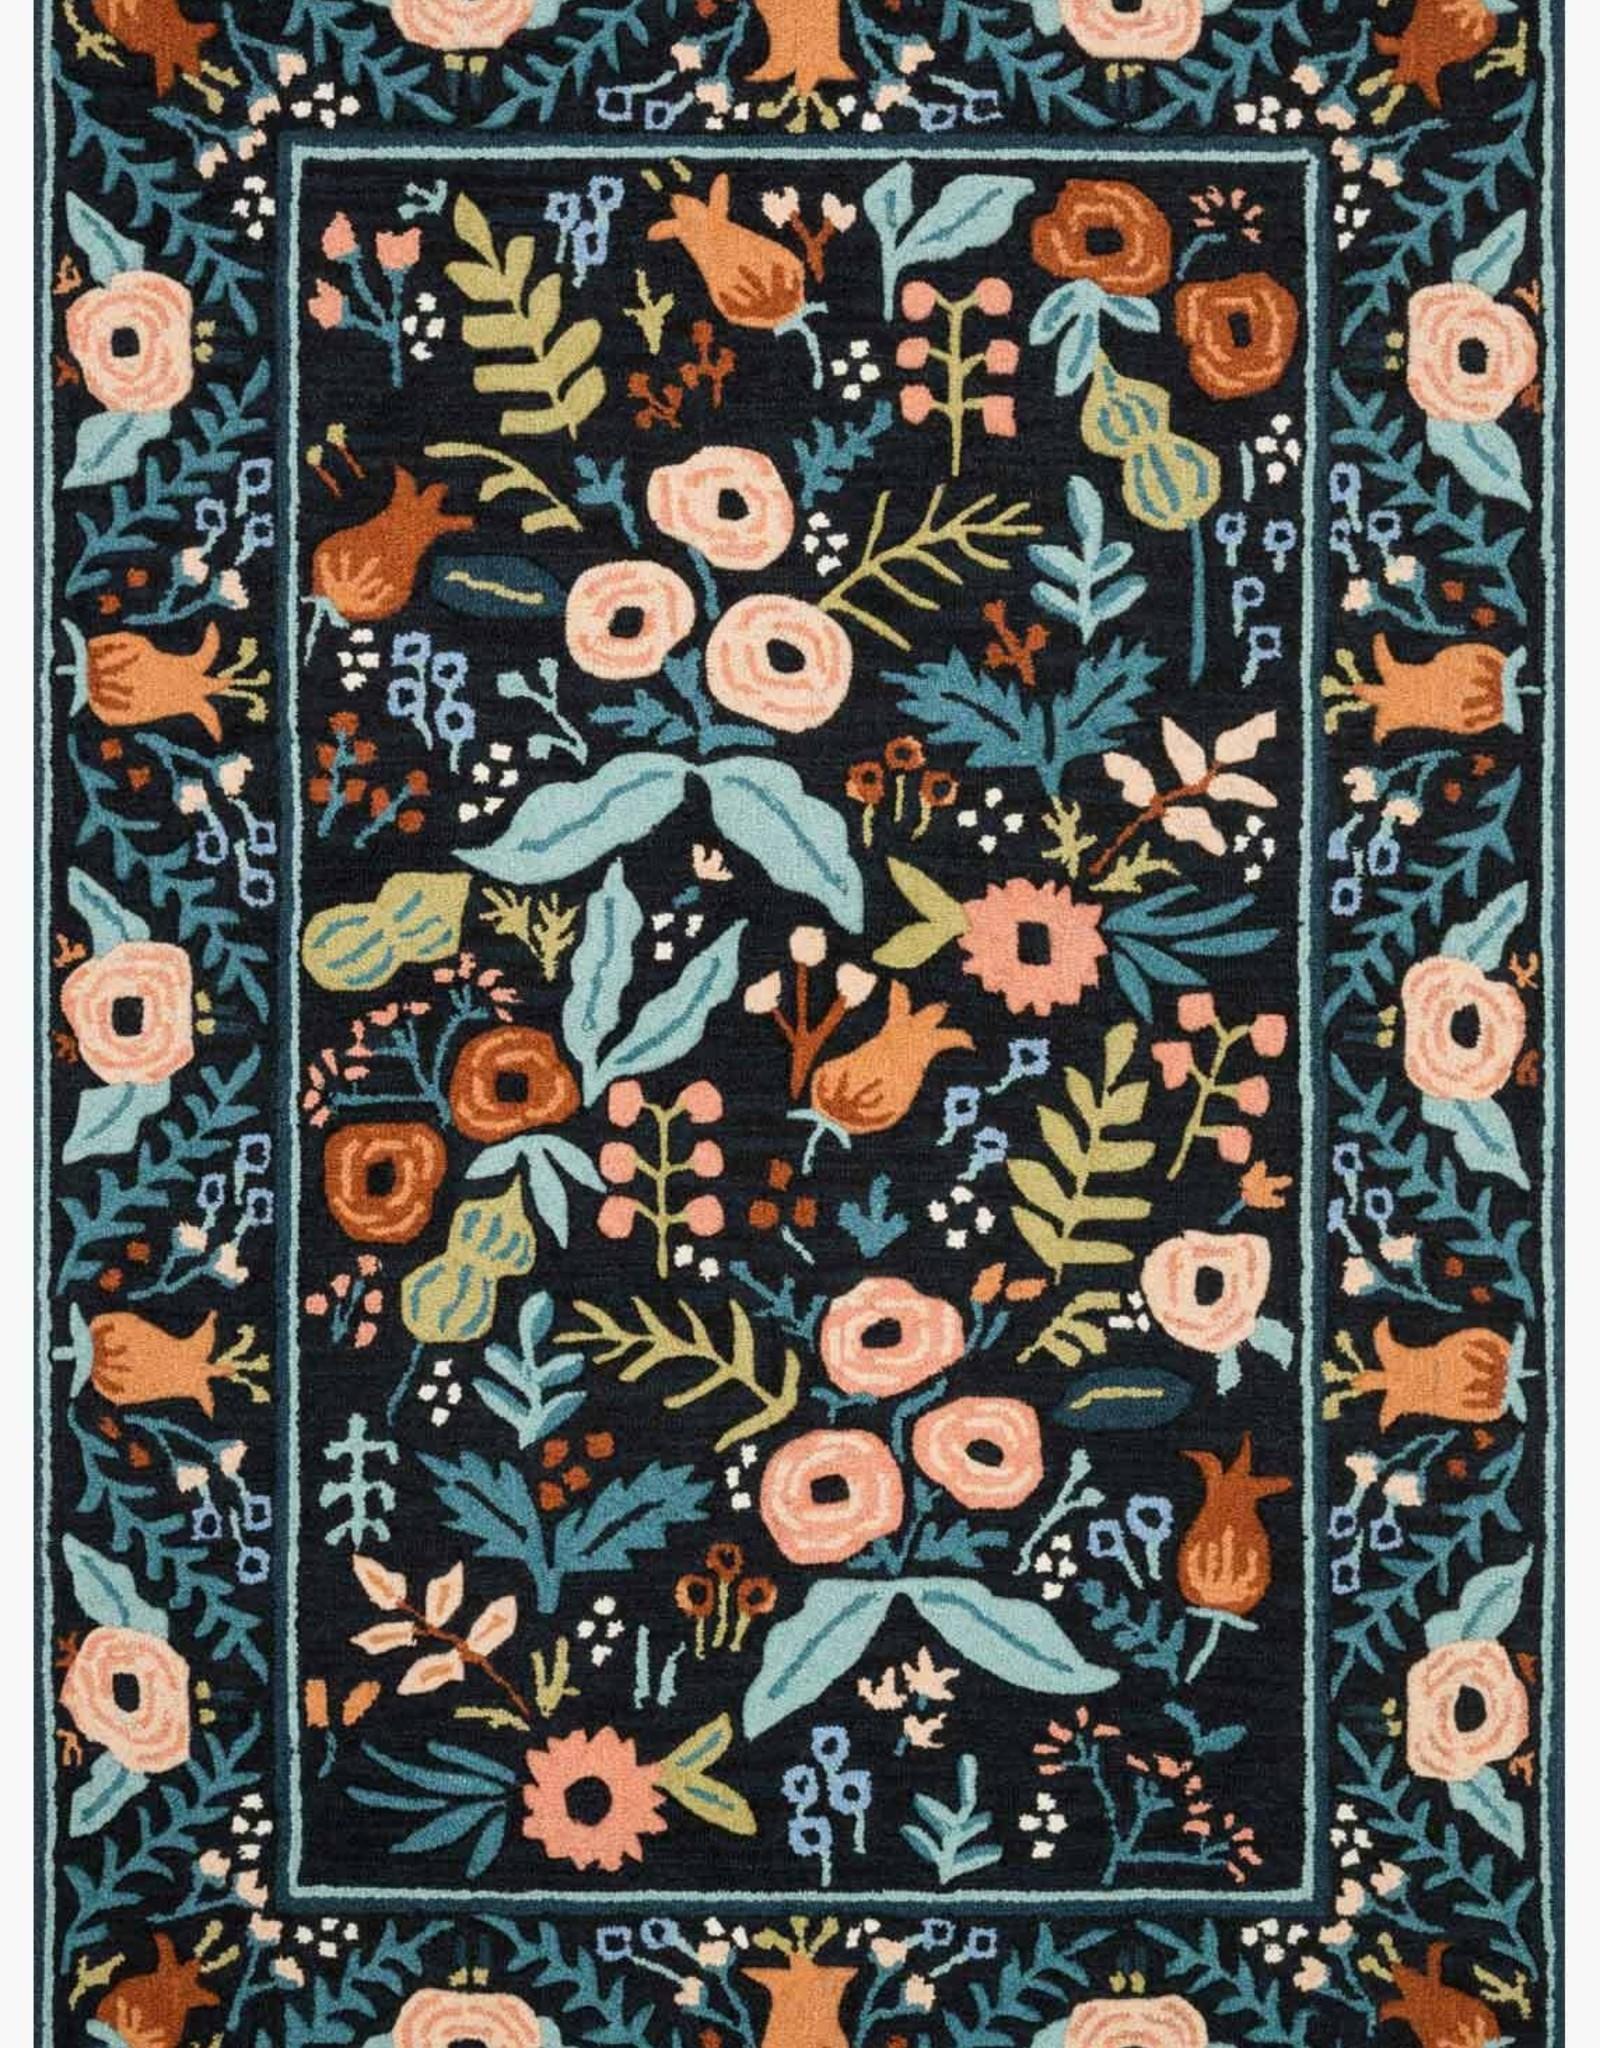 Rifle Paper Co by Loloi Les Fleurs Collection - Lourdes Black Floral Rugs